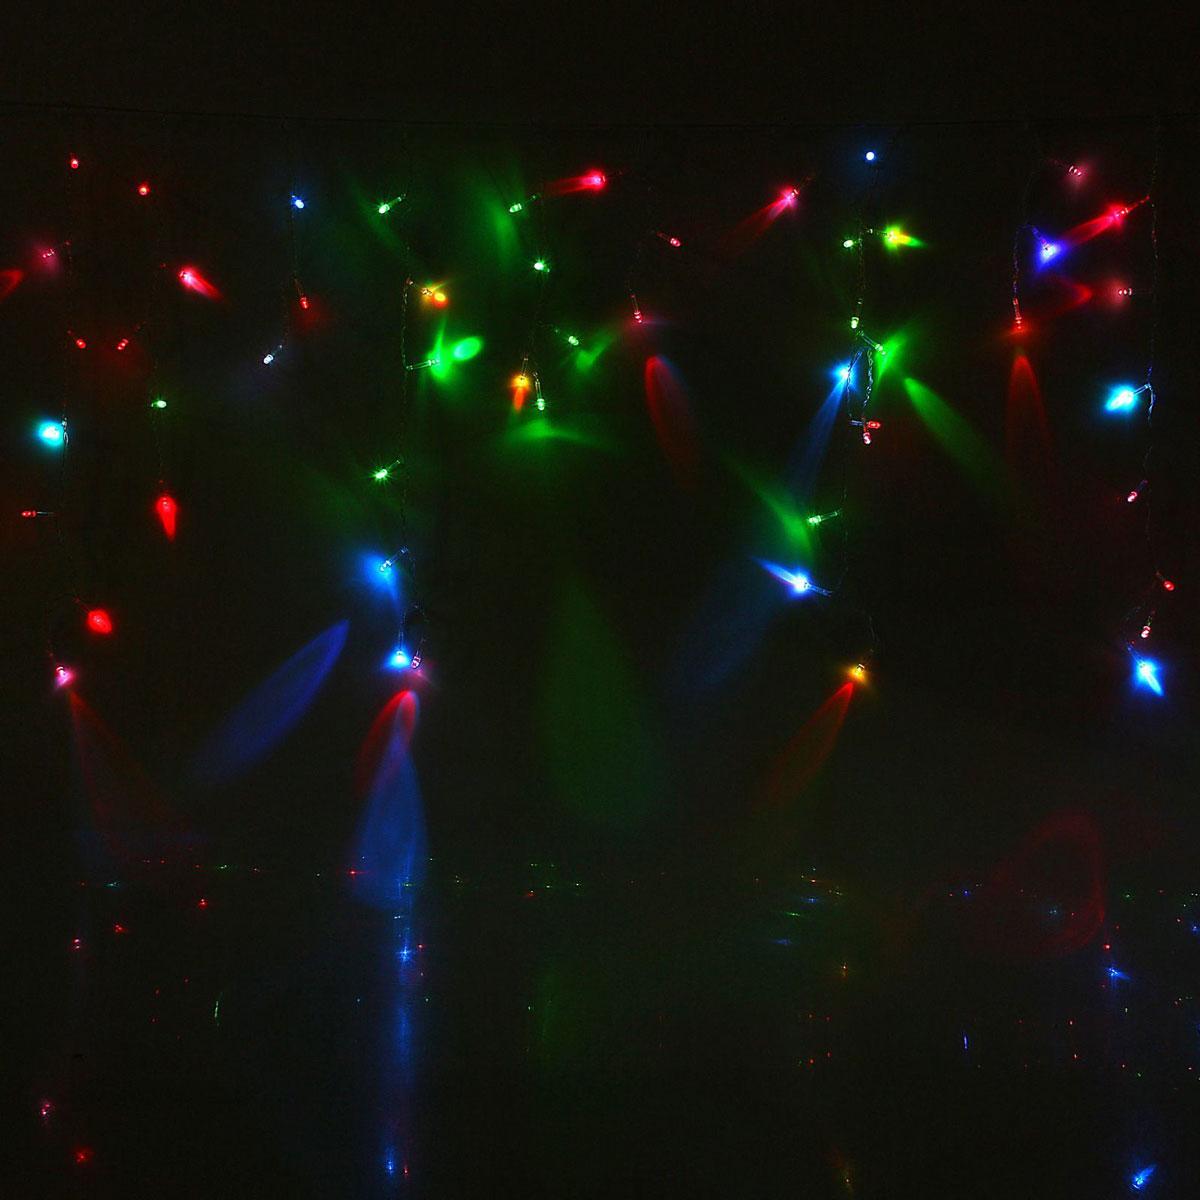 Гирлянда светодиодная Luazon Бахрома, уличная, моргает, 60 ламп, 220V, цвет: мультиколор, 1 х 0,6 м. 10801331080544Светодиодные гирлянды, ленты и т.д — это отличный вариант для новогоднего оформления интерьера или фасада. С их помощью помещение любого размера можно превратить в праздничный зал, а внешние элементы зданий, украшенные ими, мгновенно станут напоминать очертания сказочного дворца. Такие украшения создают ауру предвкушения чуда. Деревья, фасады, витрины, окна и арки будто специально созданы, чтобы вы украсили их светящимися нитями.